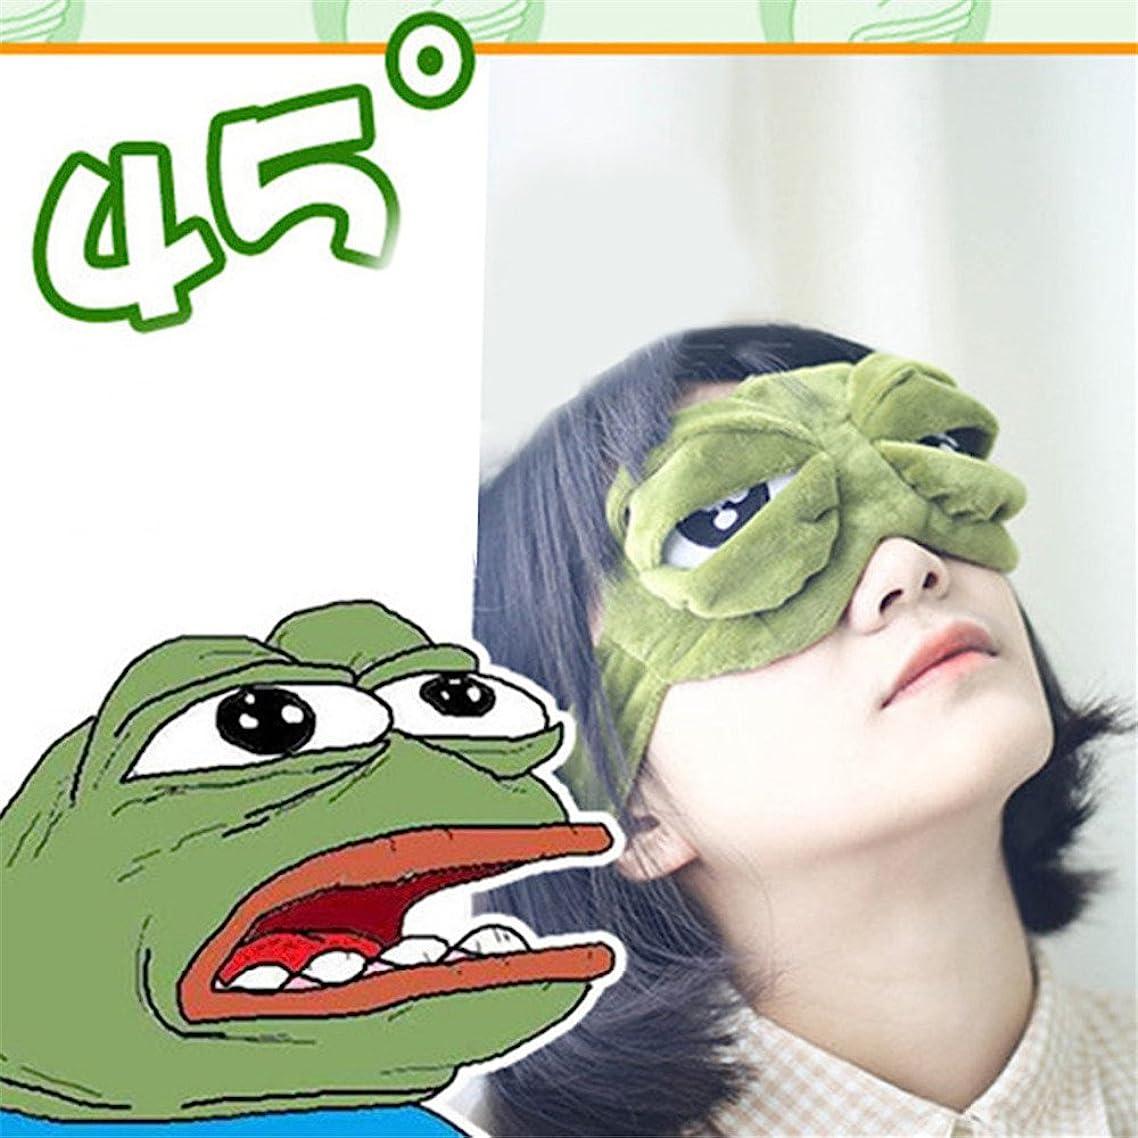 気質スポットレクリエーションNOTE かわいい目のマスクカバーぬいぐるみ悲しい3Dカエルアイマスクカバー睡眠休息旅行睡眠アニメ面白いギフト